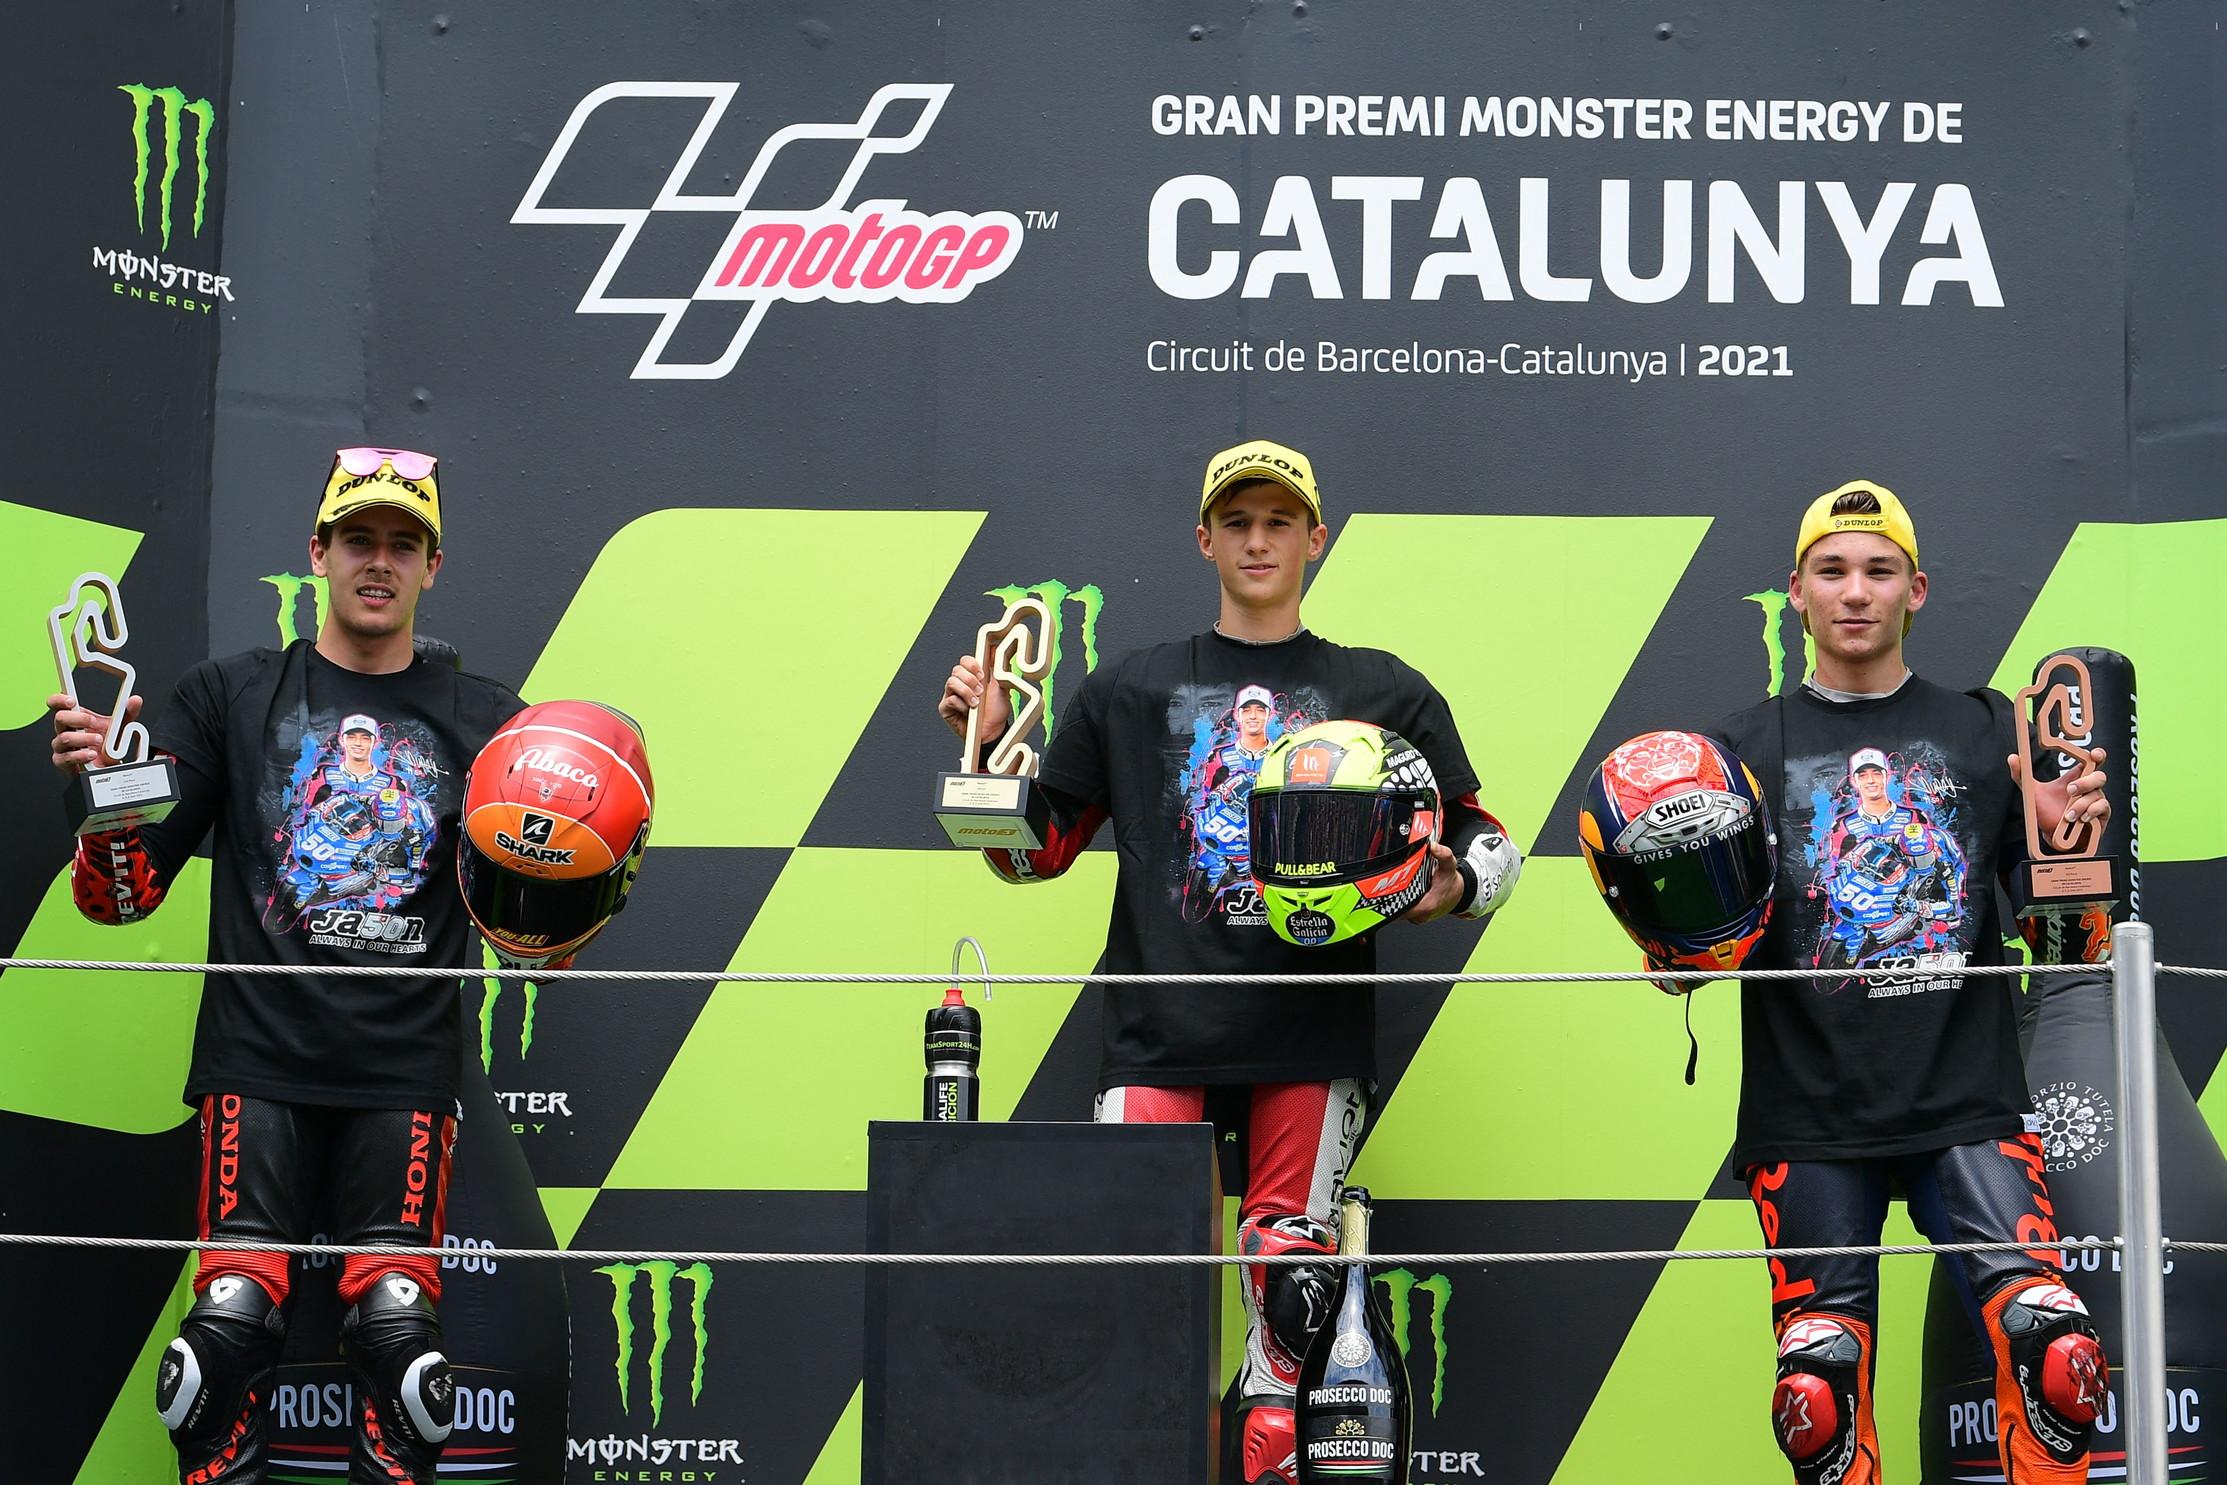 Sul podio della Moto3 al gran premio di Catalogna i piloti hanno indossato una maglietta per ricordare Jason Dupasquier, il 19enne centauro svizzero morto domenica scorsa dopo un incidente in pista al Mugello. Il vincitore della corsa di Barcellona Sergio Garcia, insieme con il secondo Jeremy Alcoba e il terzo classificato Deniz Oncu sono saliti sul podio vestendo una maglietta con l&#39;immagine del loro sfortunatissimo collega. Gesto poi imitato da Oliveira con Zarco e Miller in MotoGP e dai piloti della Moto2, Gardner, Fernandez e Vierge.<br /><br />